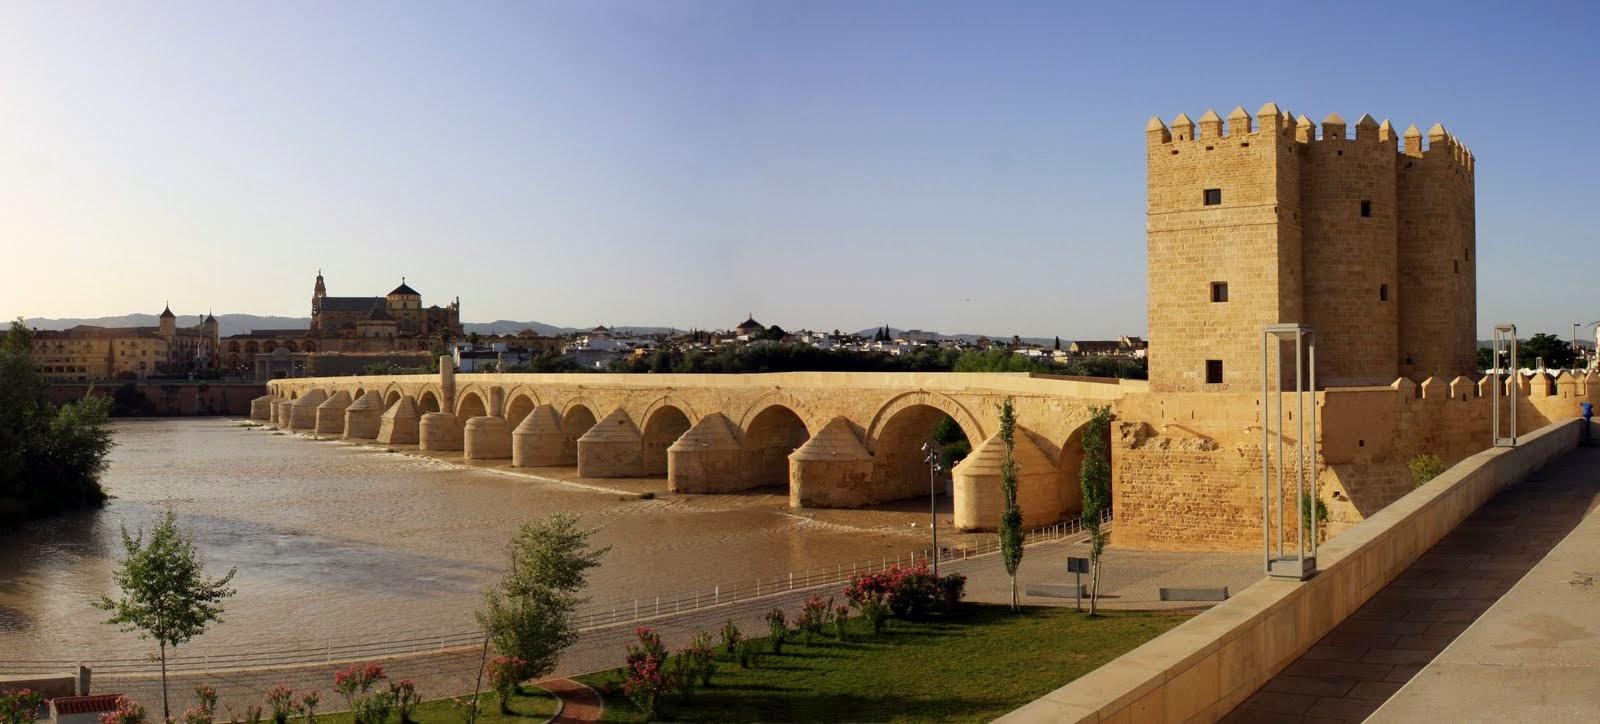 Viajero turismo c rdoba la ciudad de los califas en - Anticuarios en cordoba ...